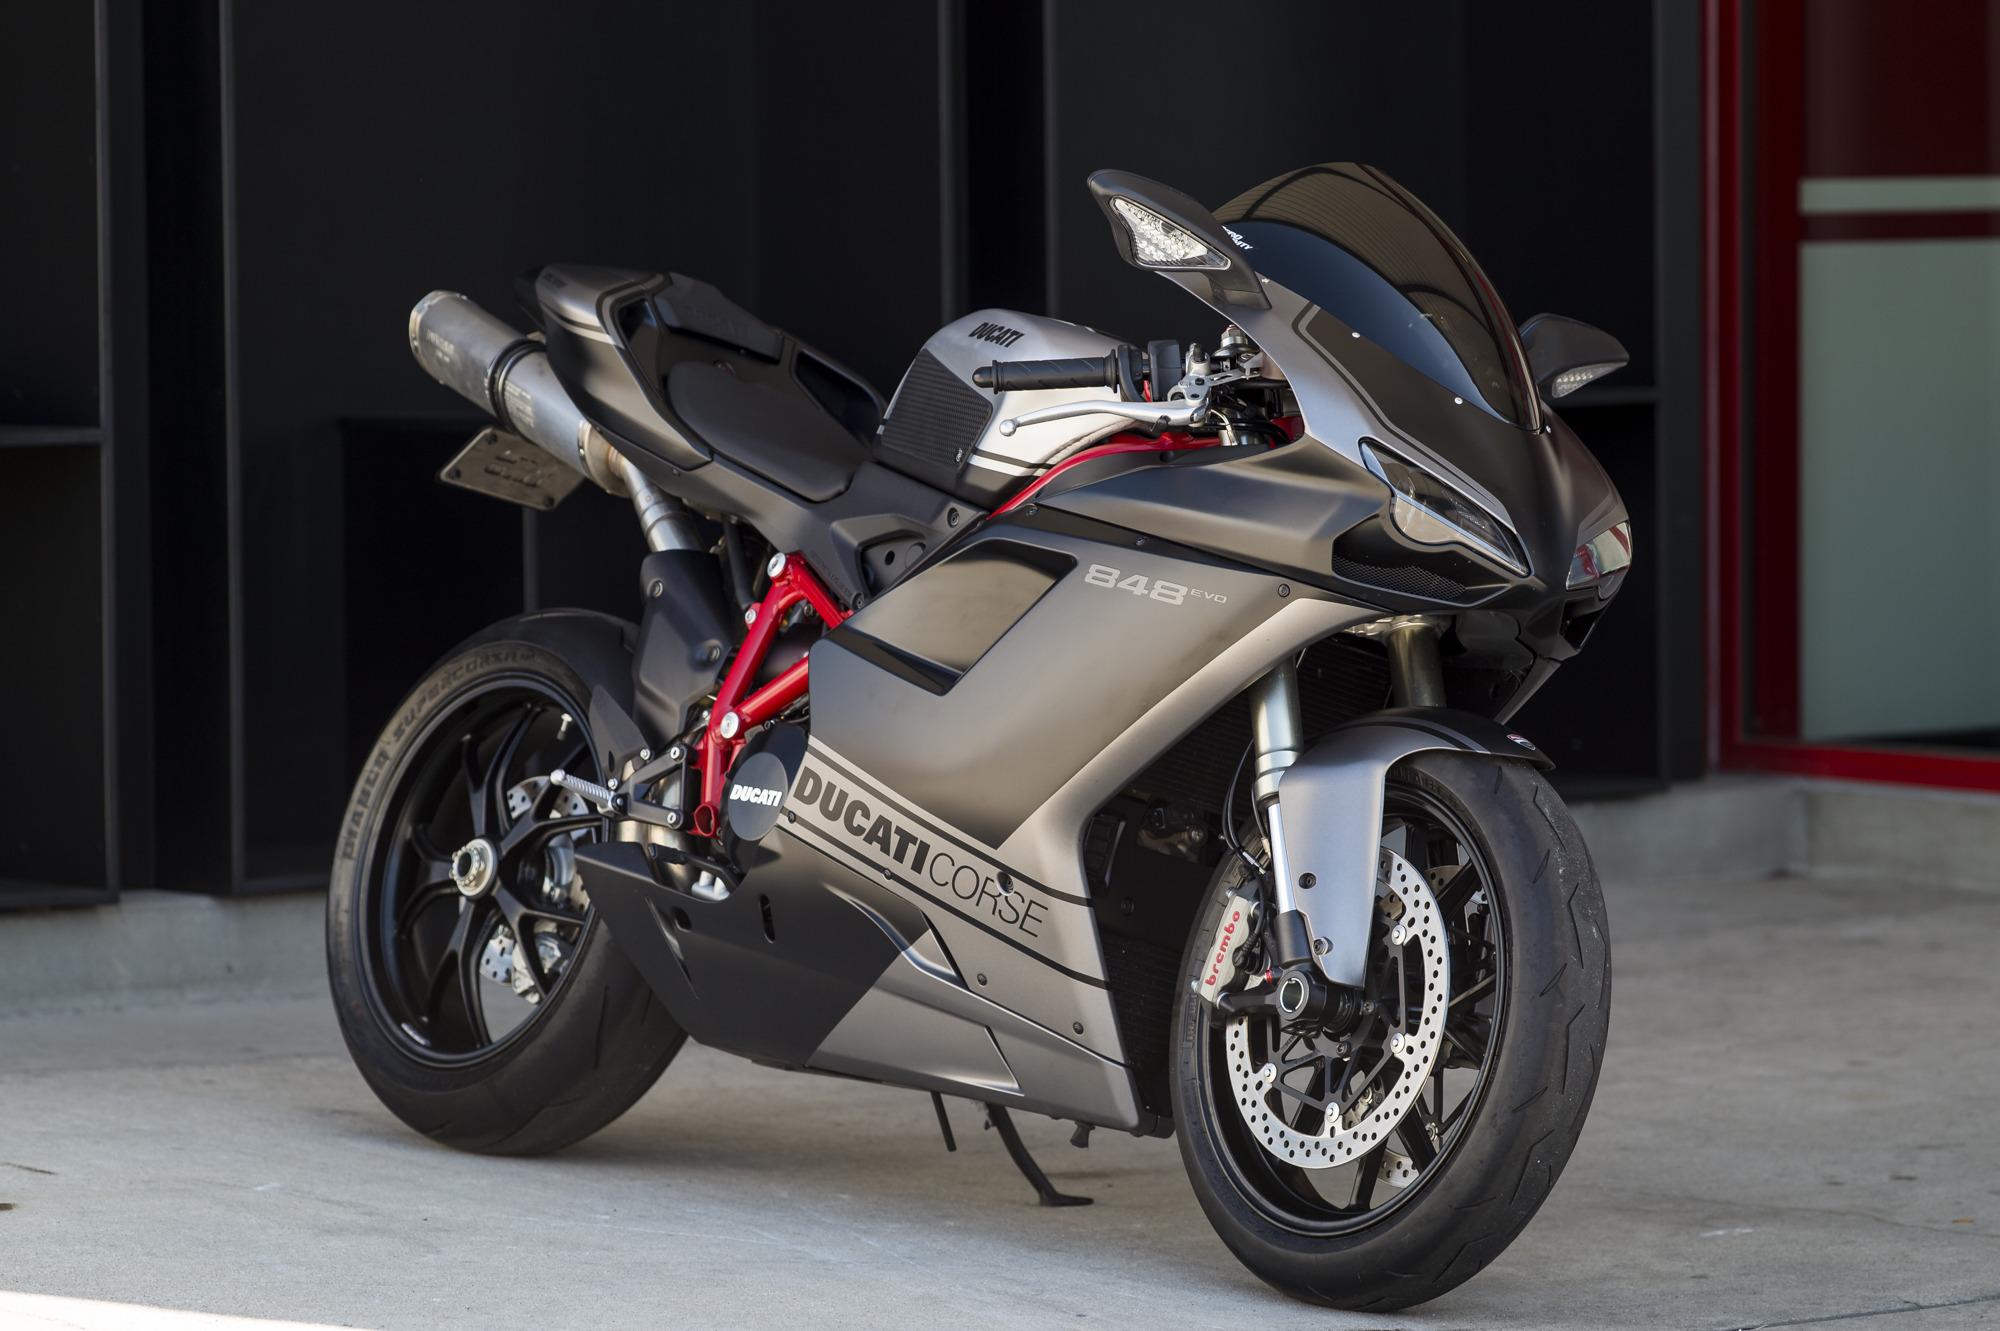 Used 2013 Ducati SUPERBIKE 848 EVO CORSE SE 848 EVO CORSE SE ...